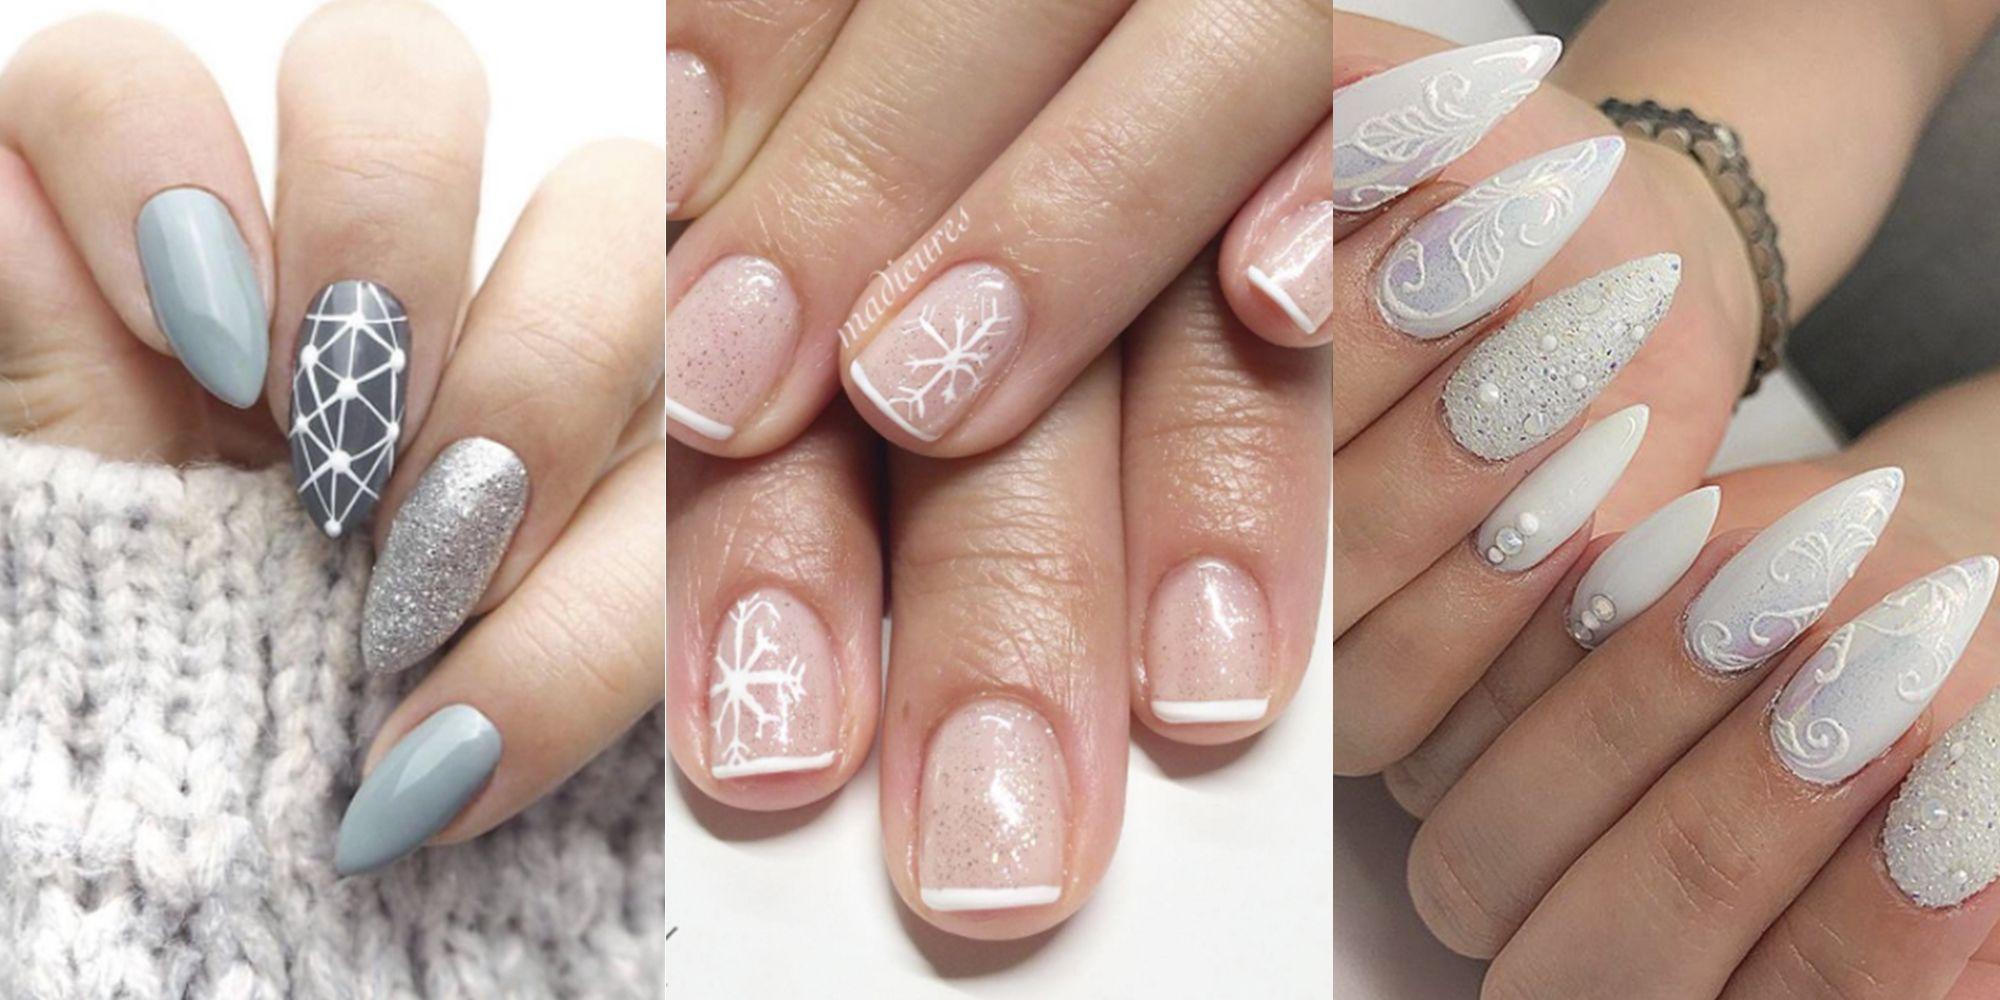 9 reasons snowflake nail